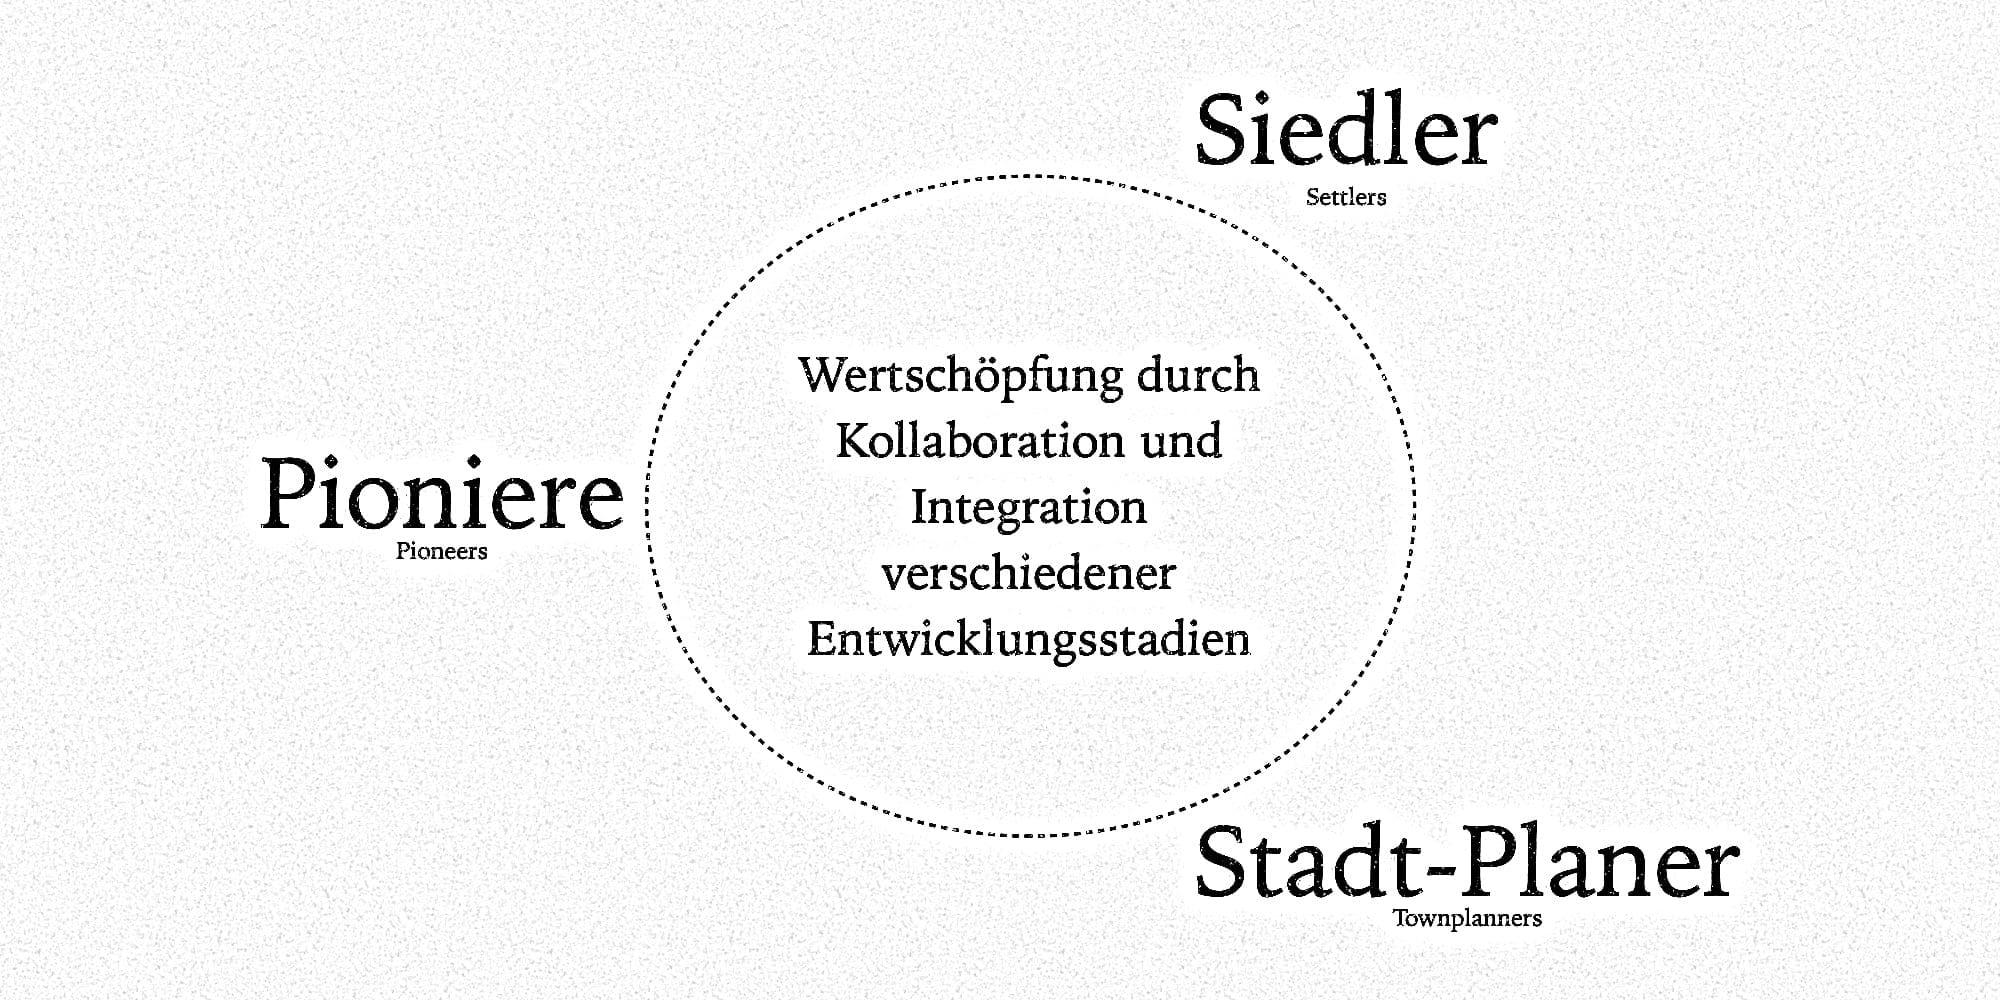 Das Pioneer-Settler-Townplanner-Modell zeigt, das Unternehmenserfolg nur durch Kollaboration zwischen Pionieren, Siedlern und Stadtplanern erreicht wird.